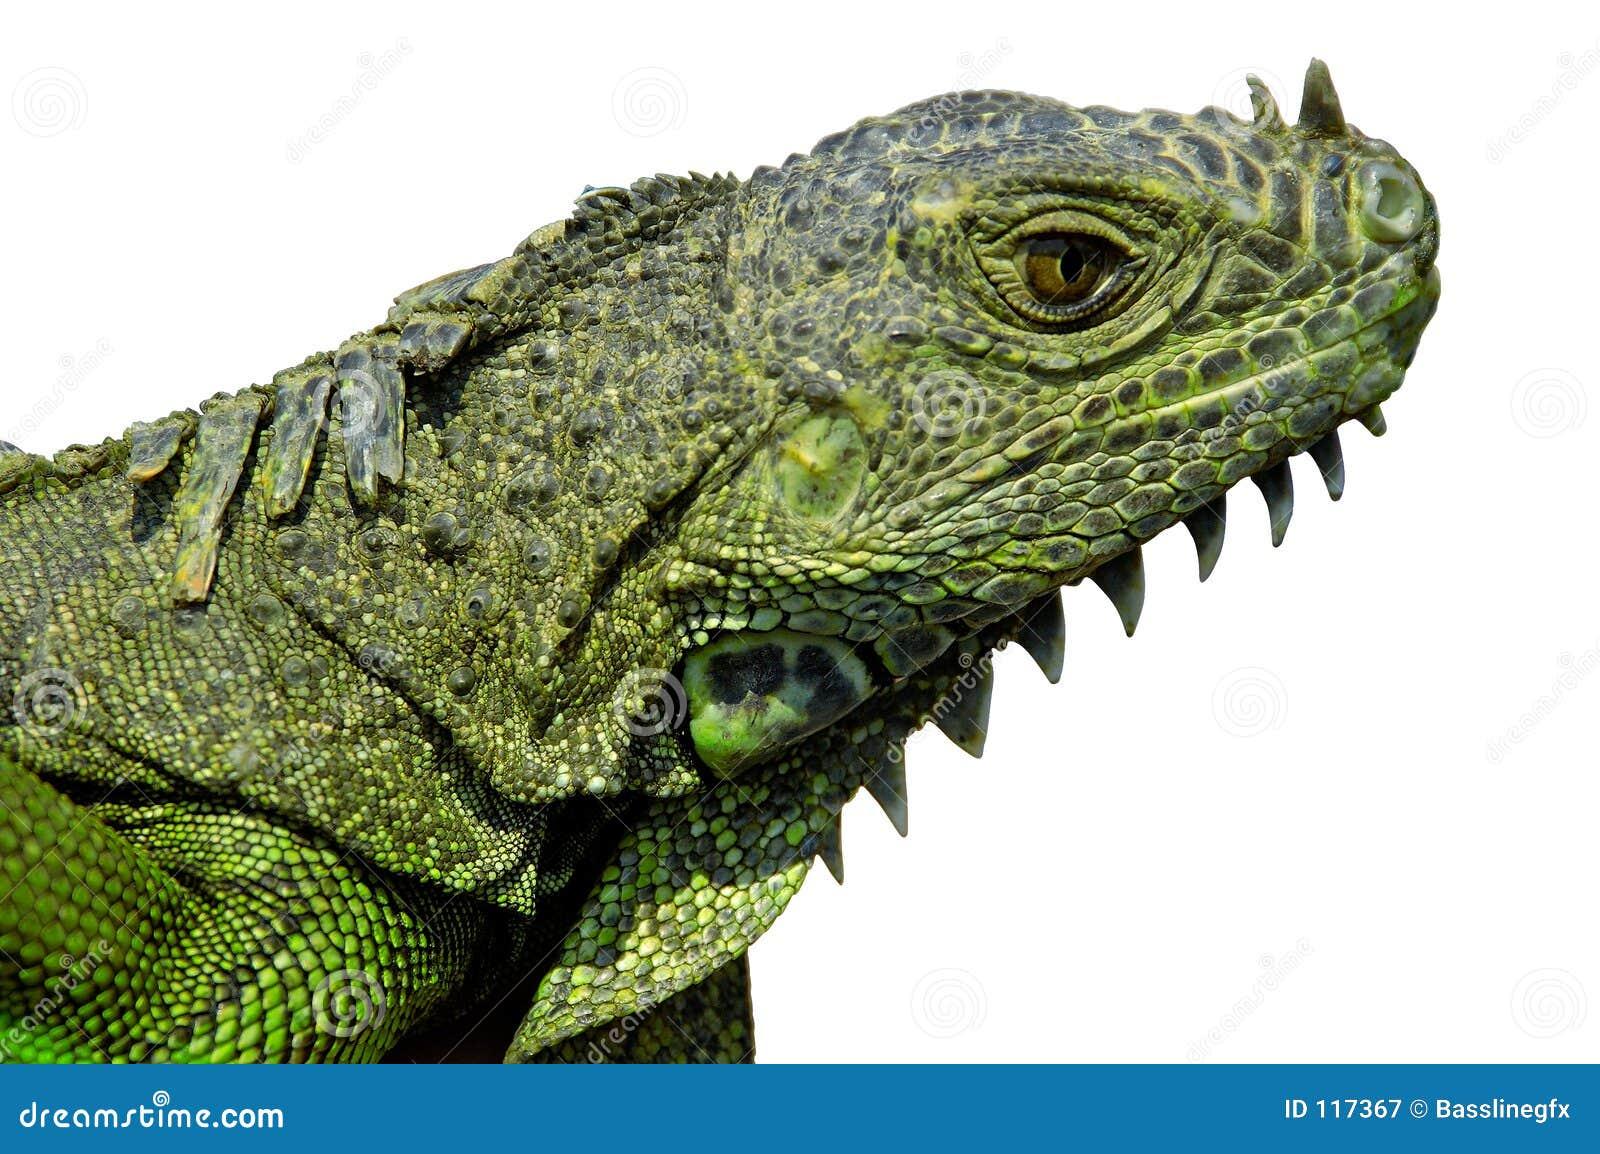 Iguana w/Paths capo